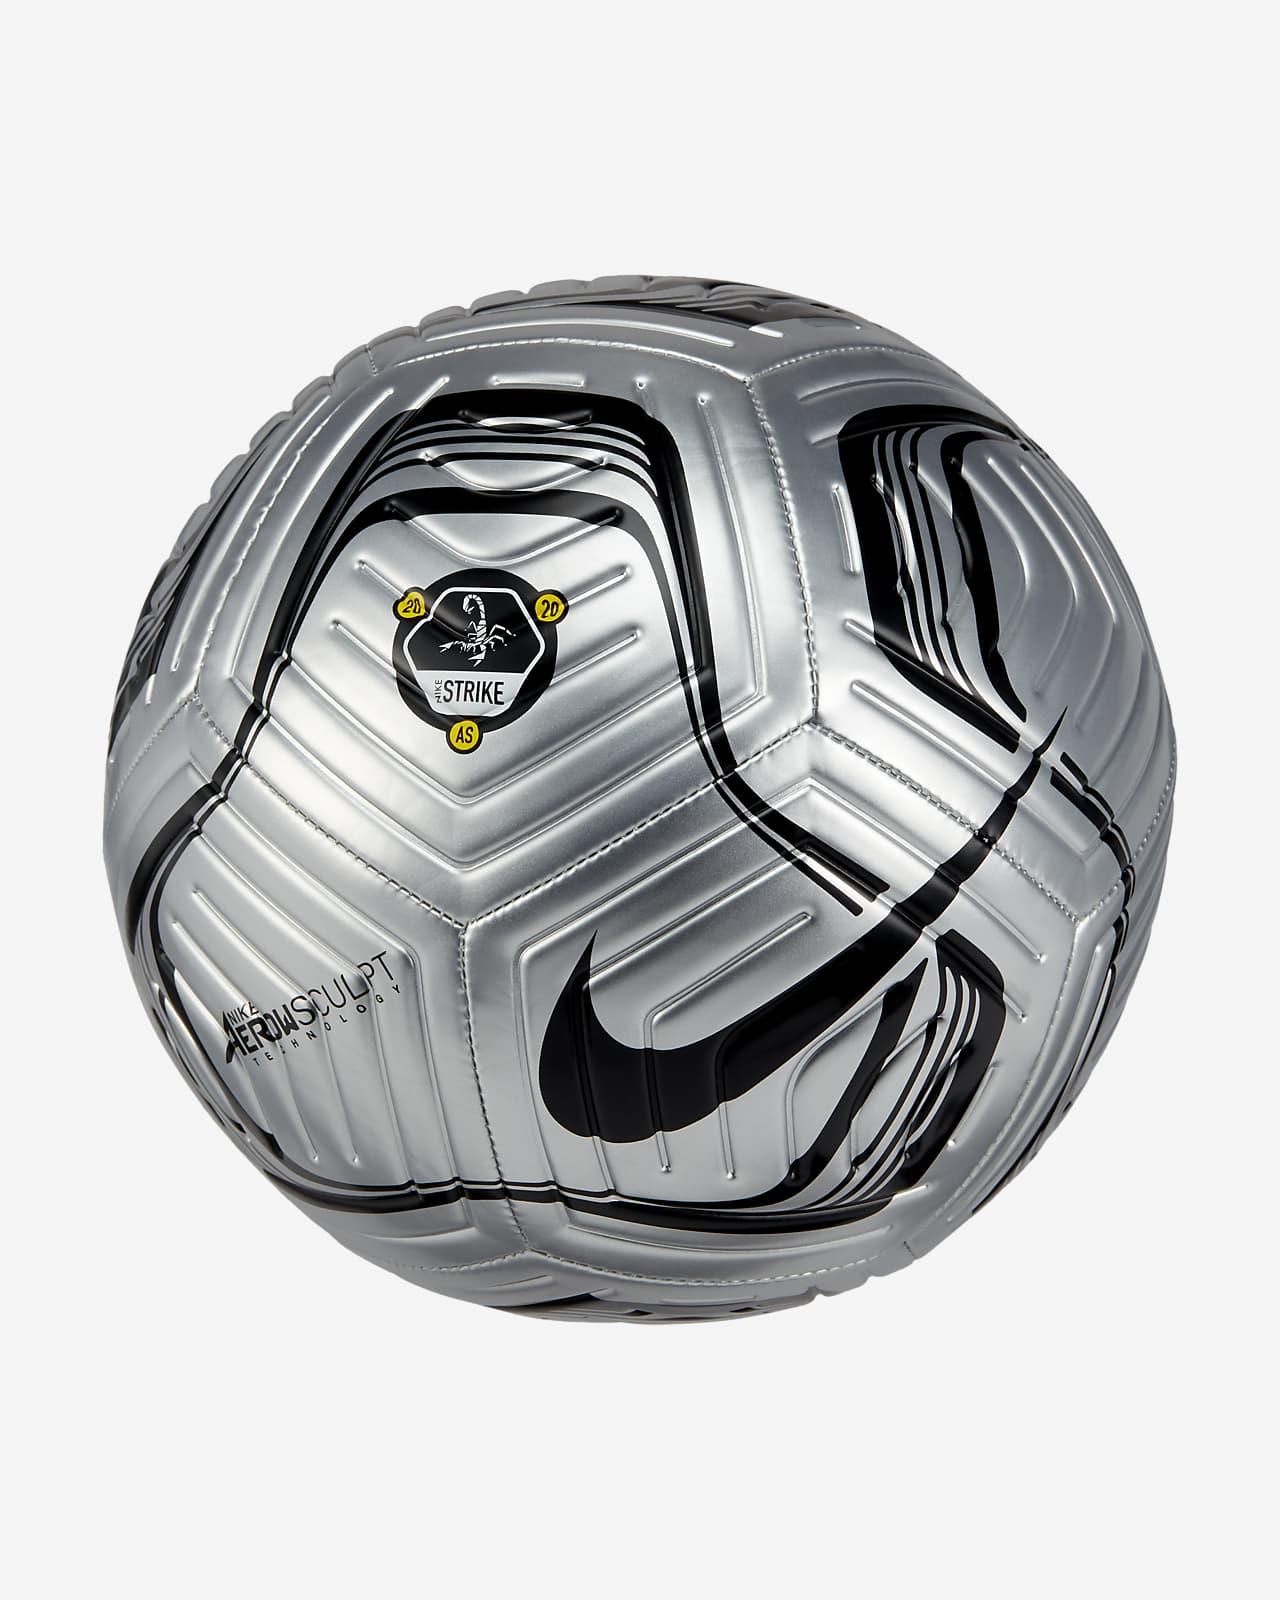 ナイキ ストライク ファントム スコーピオン サッカーボール